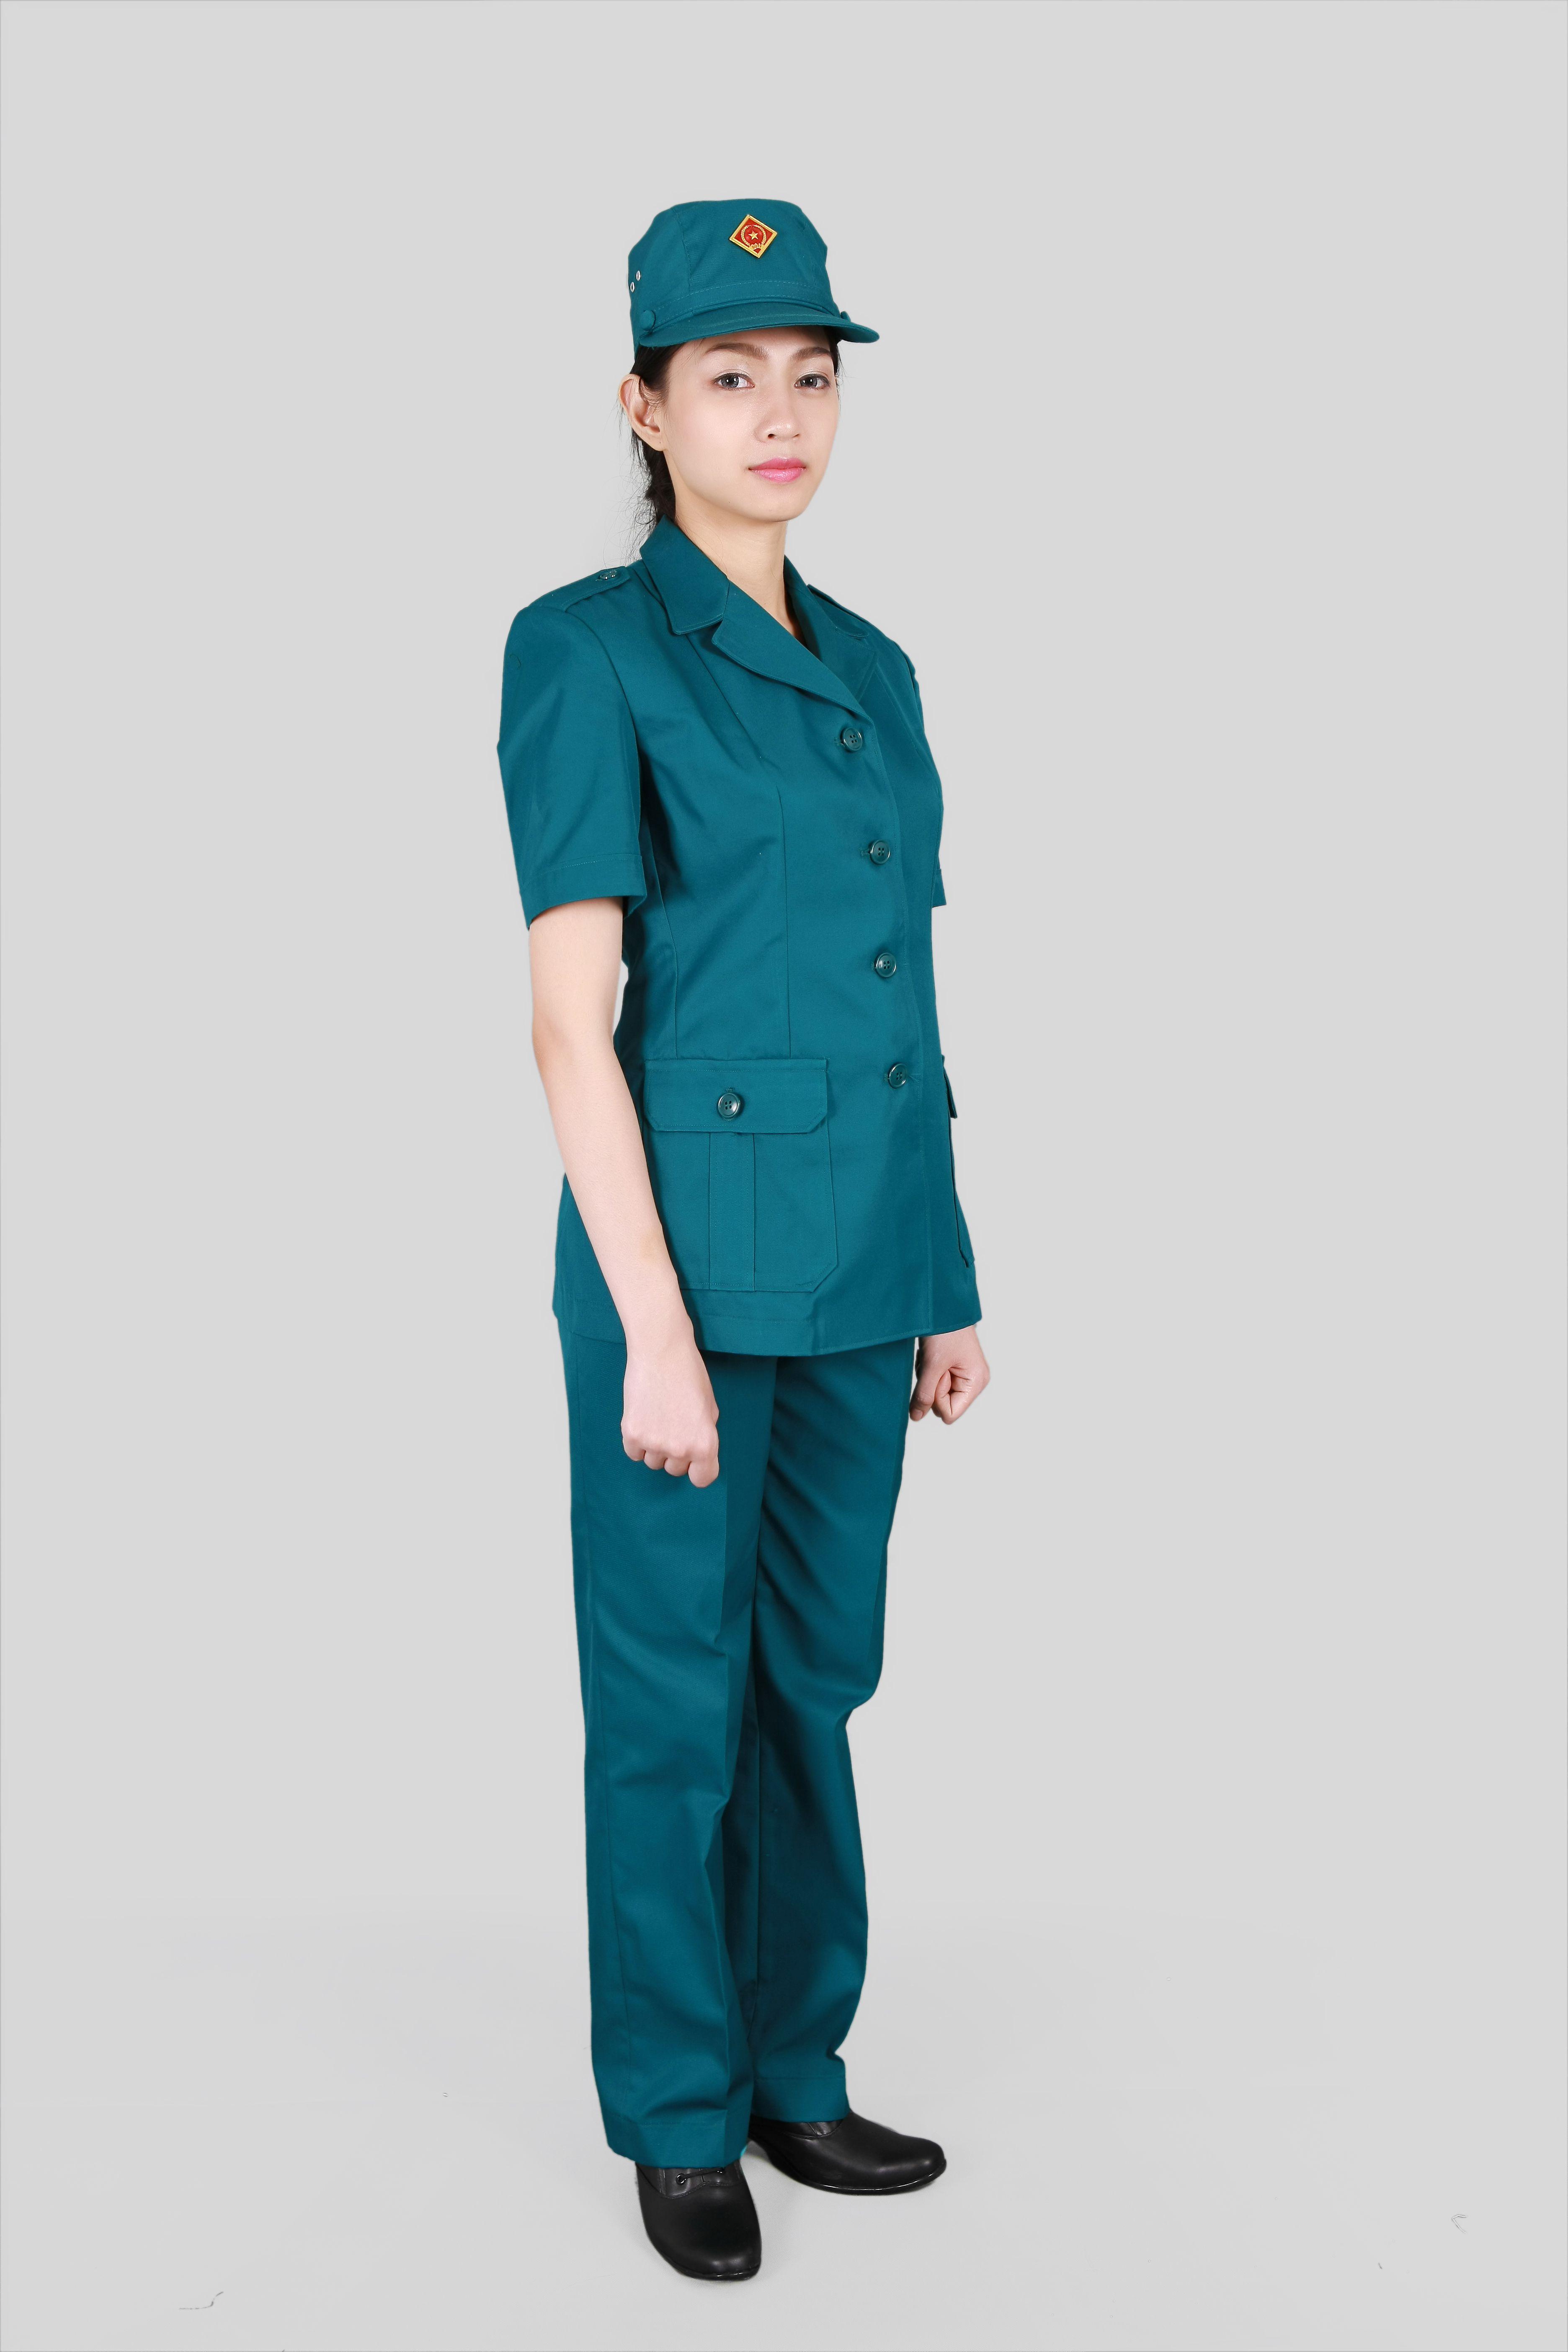 Quần áo dân quân tự vệ nữ đẹp - Đồng phục bảo vệ Mantis